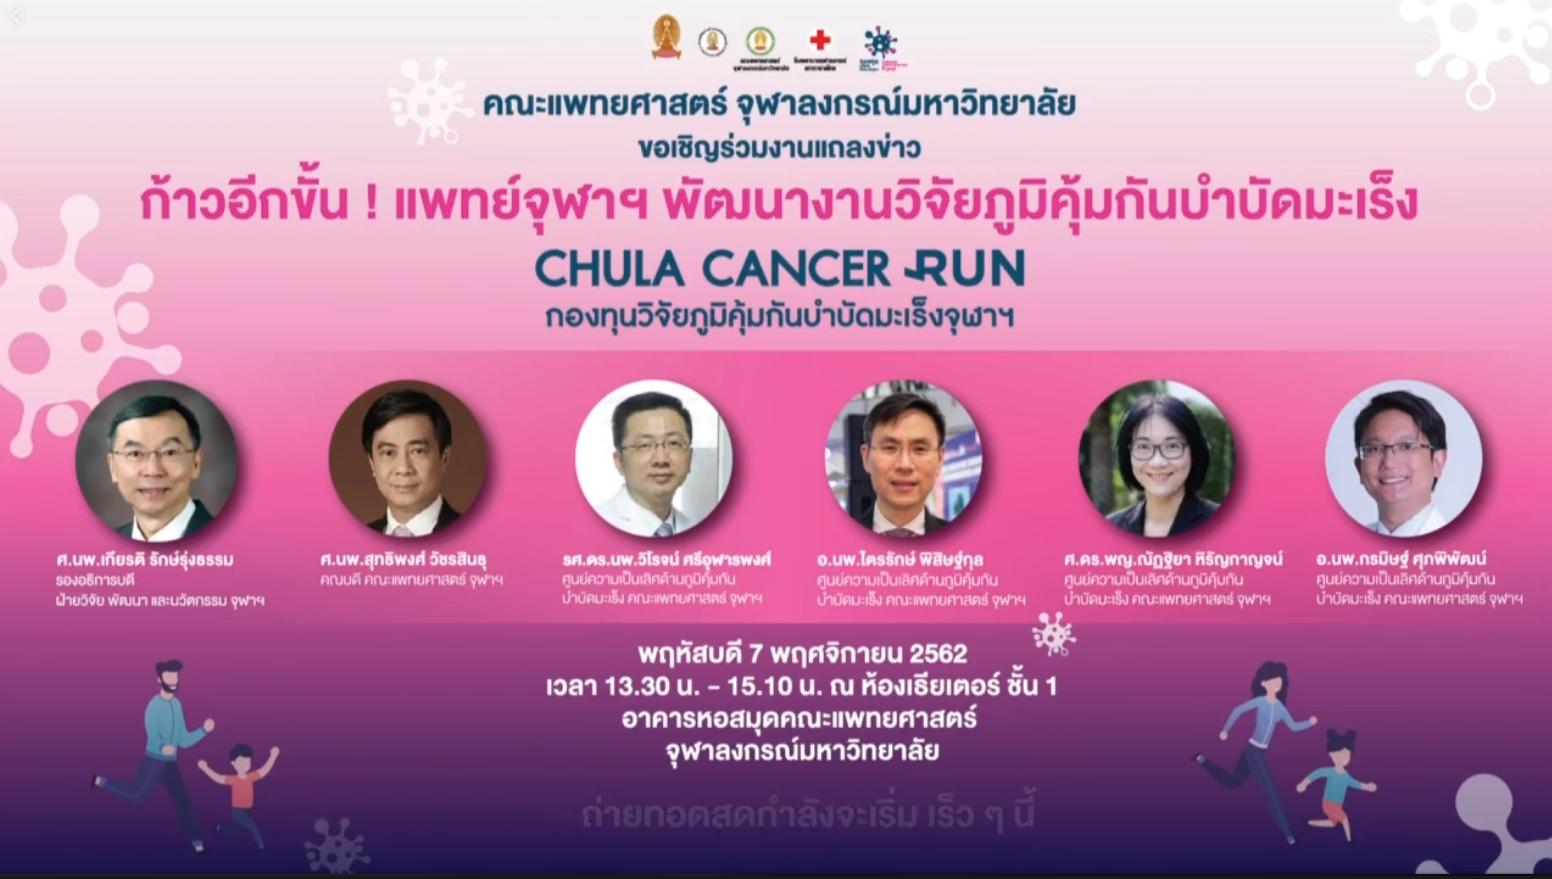 ก้าวต่อก้าว เพื่อก้าวไปอีกขั้น กับงานวิจัยภูมิคุ้มกันบำบัดมะเร็ง โดยคณะแพทย์จุฬาฯ